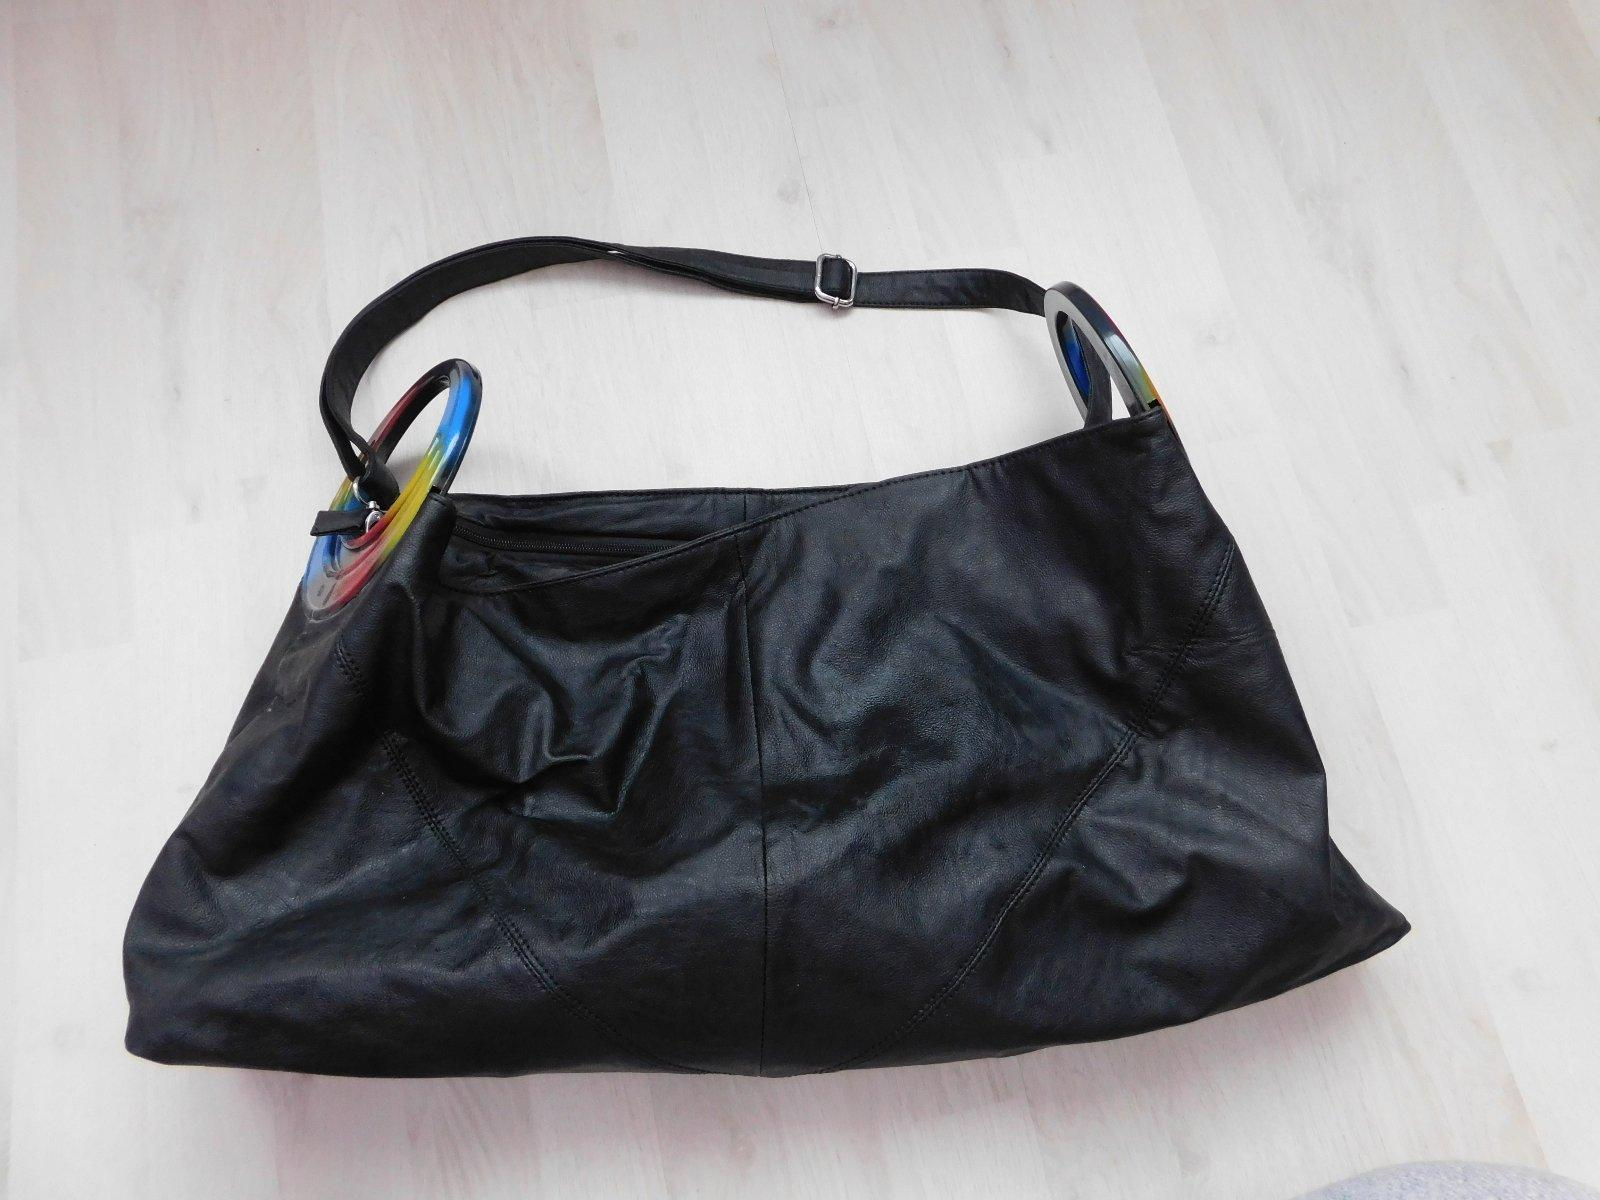 fe9a3870cd80a Veľká kabelka/cestovná taška , - 14,90 € od predávajúcej zuzu01211 ...